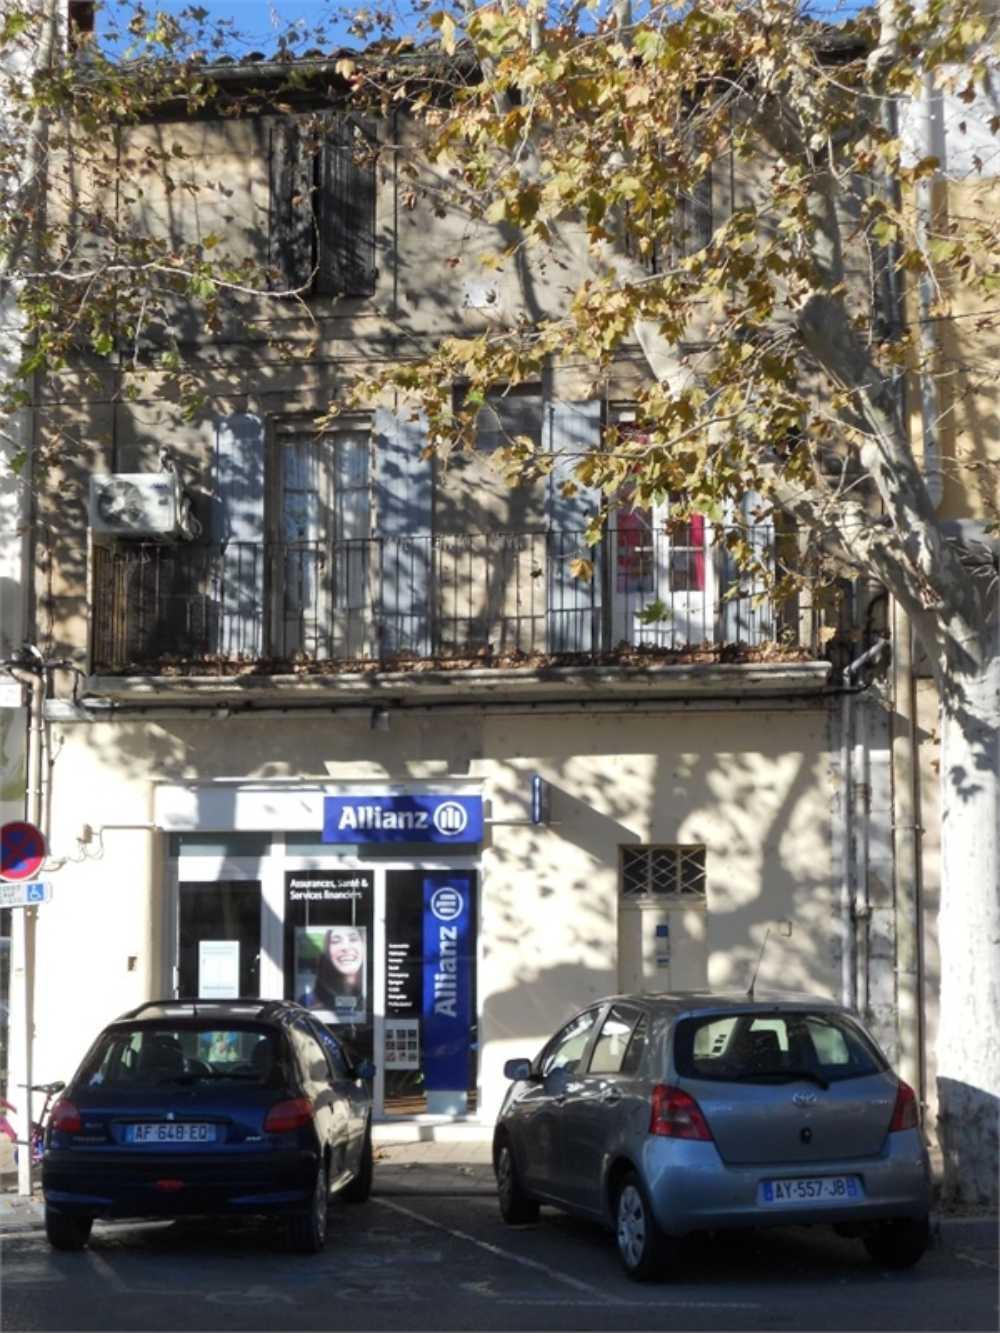 Arles Bouches-du-Rhône commercial picture 3872134